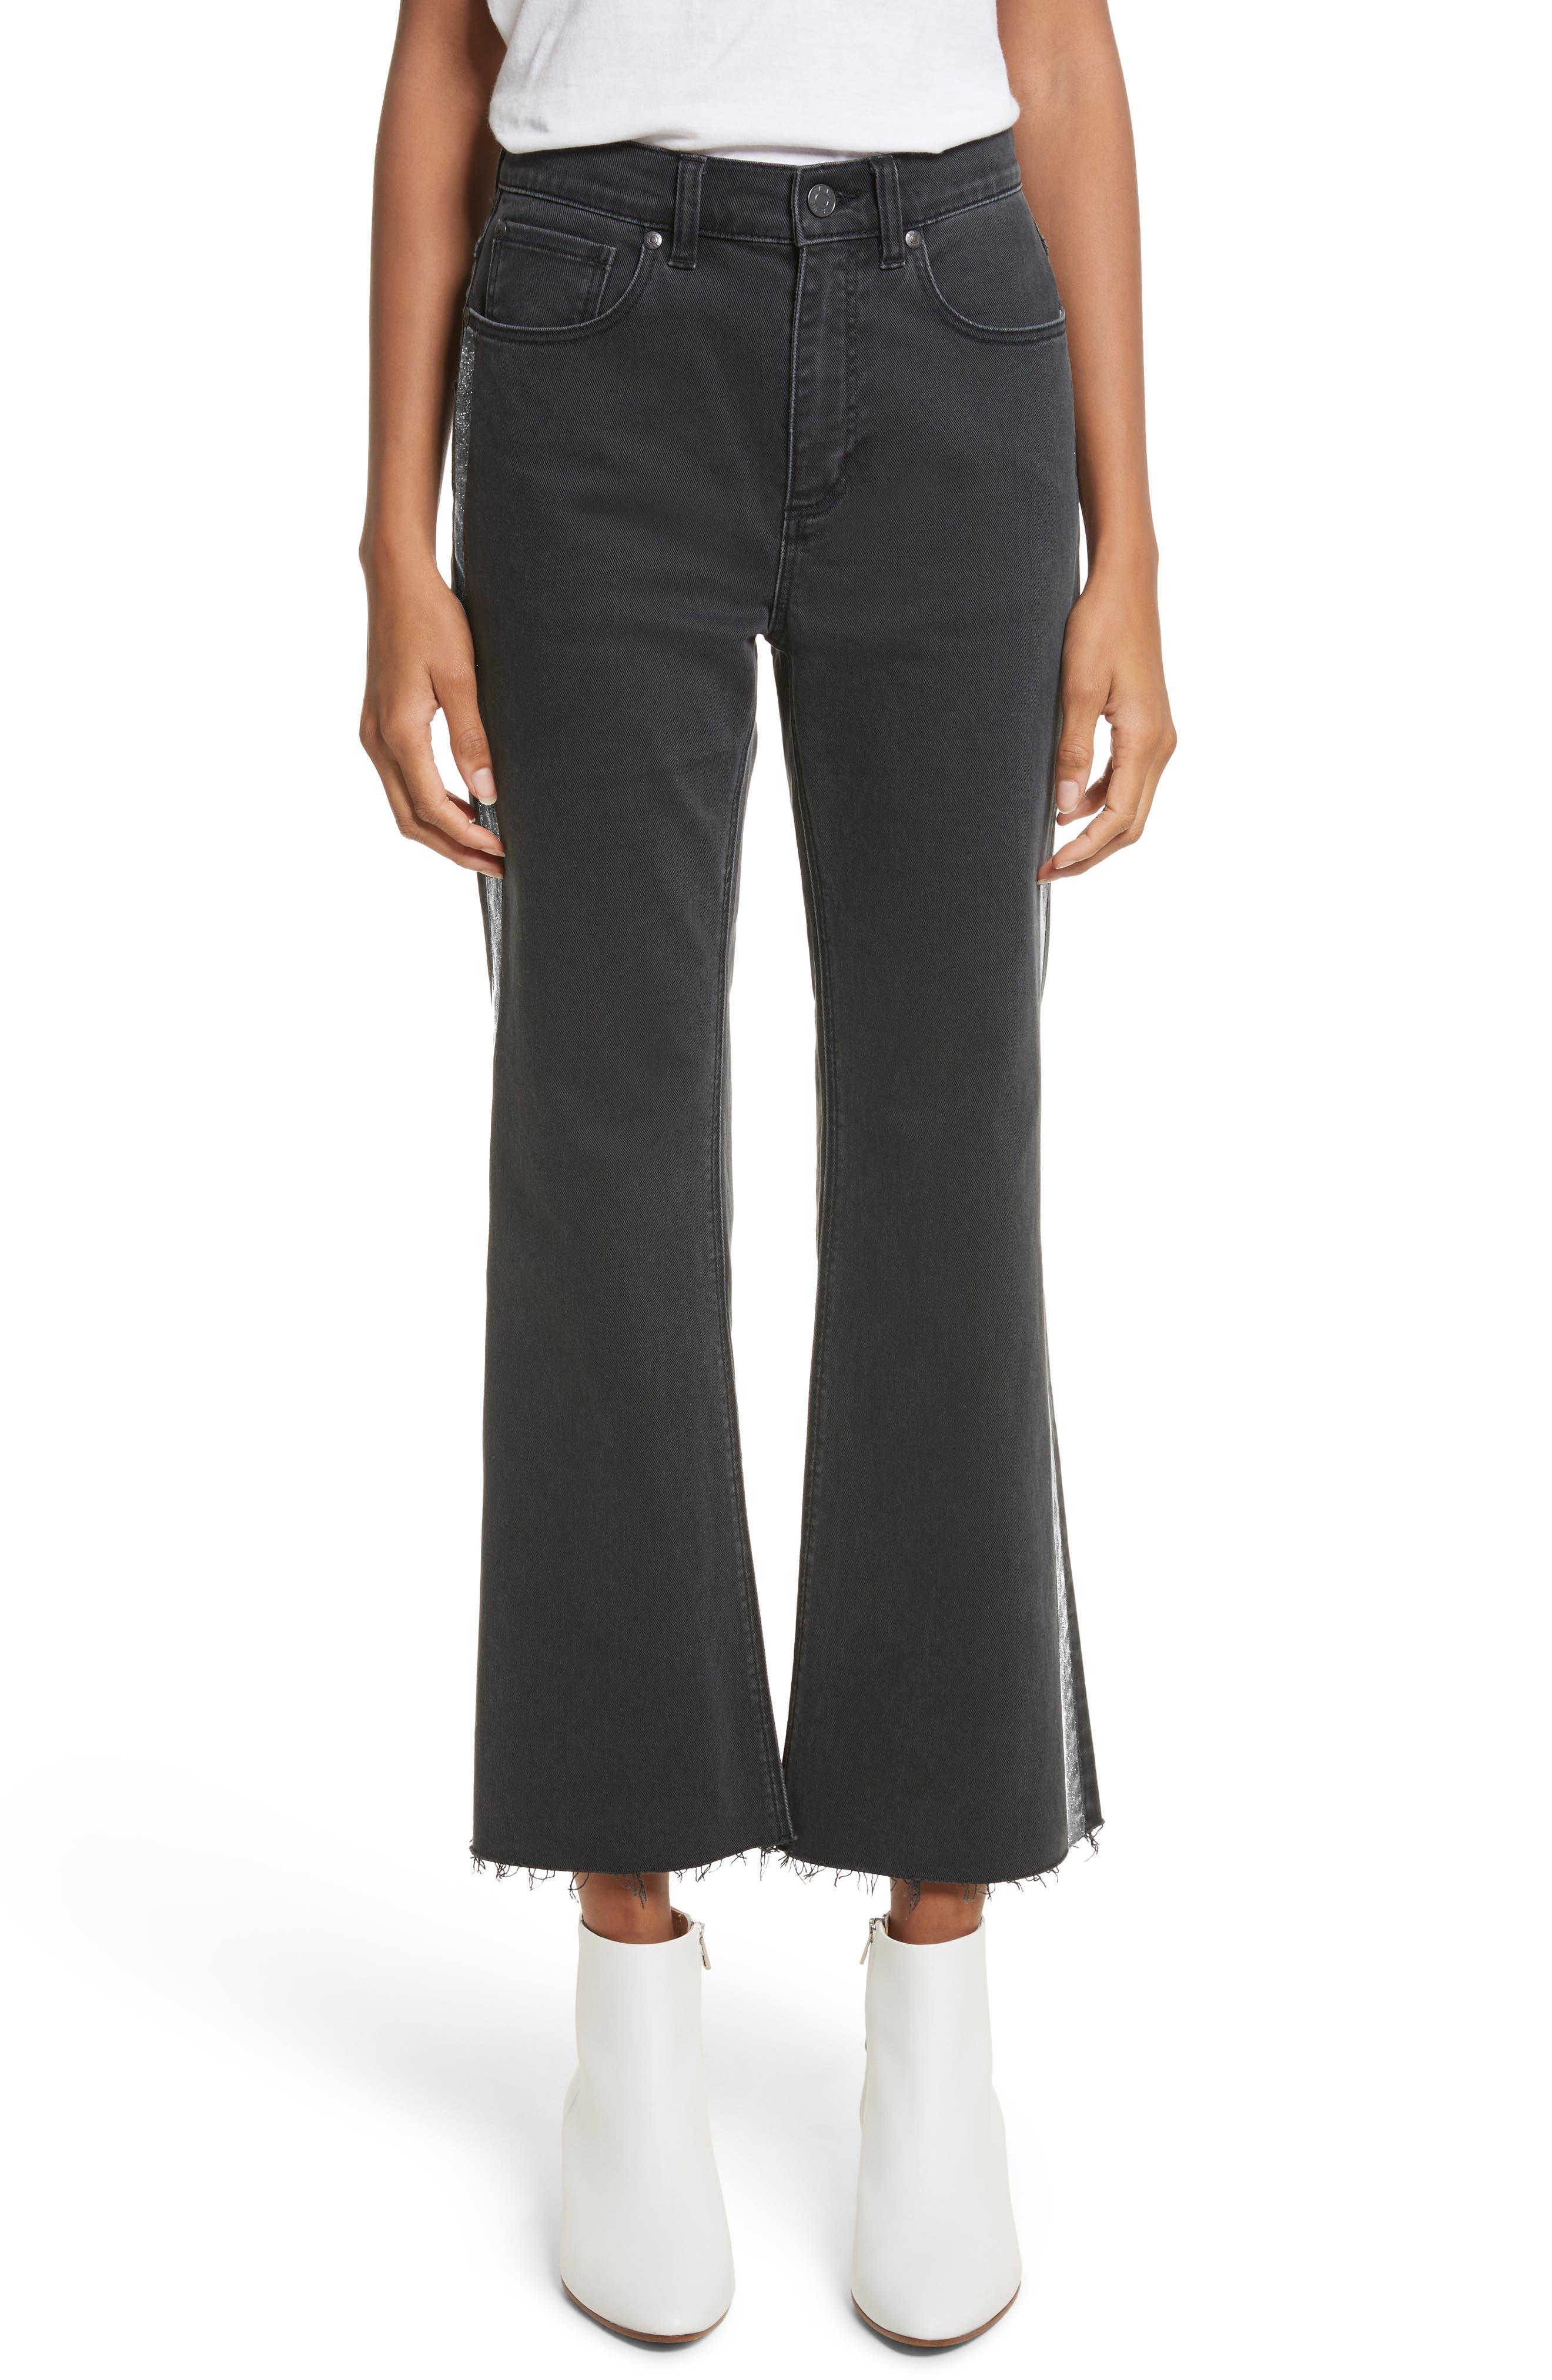 Main Image - La Vie Rebecca Taylor Glitter Stripe Jeans (Charcoal)